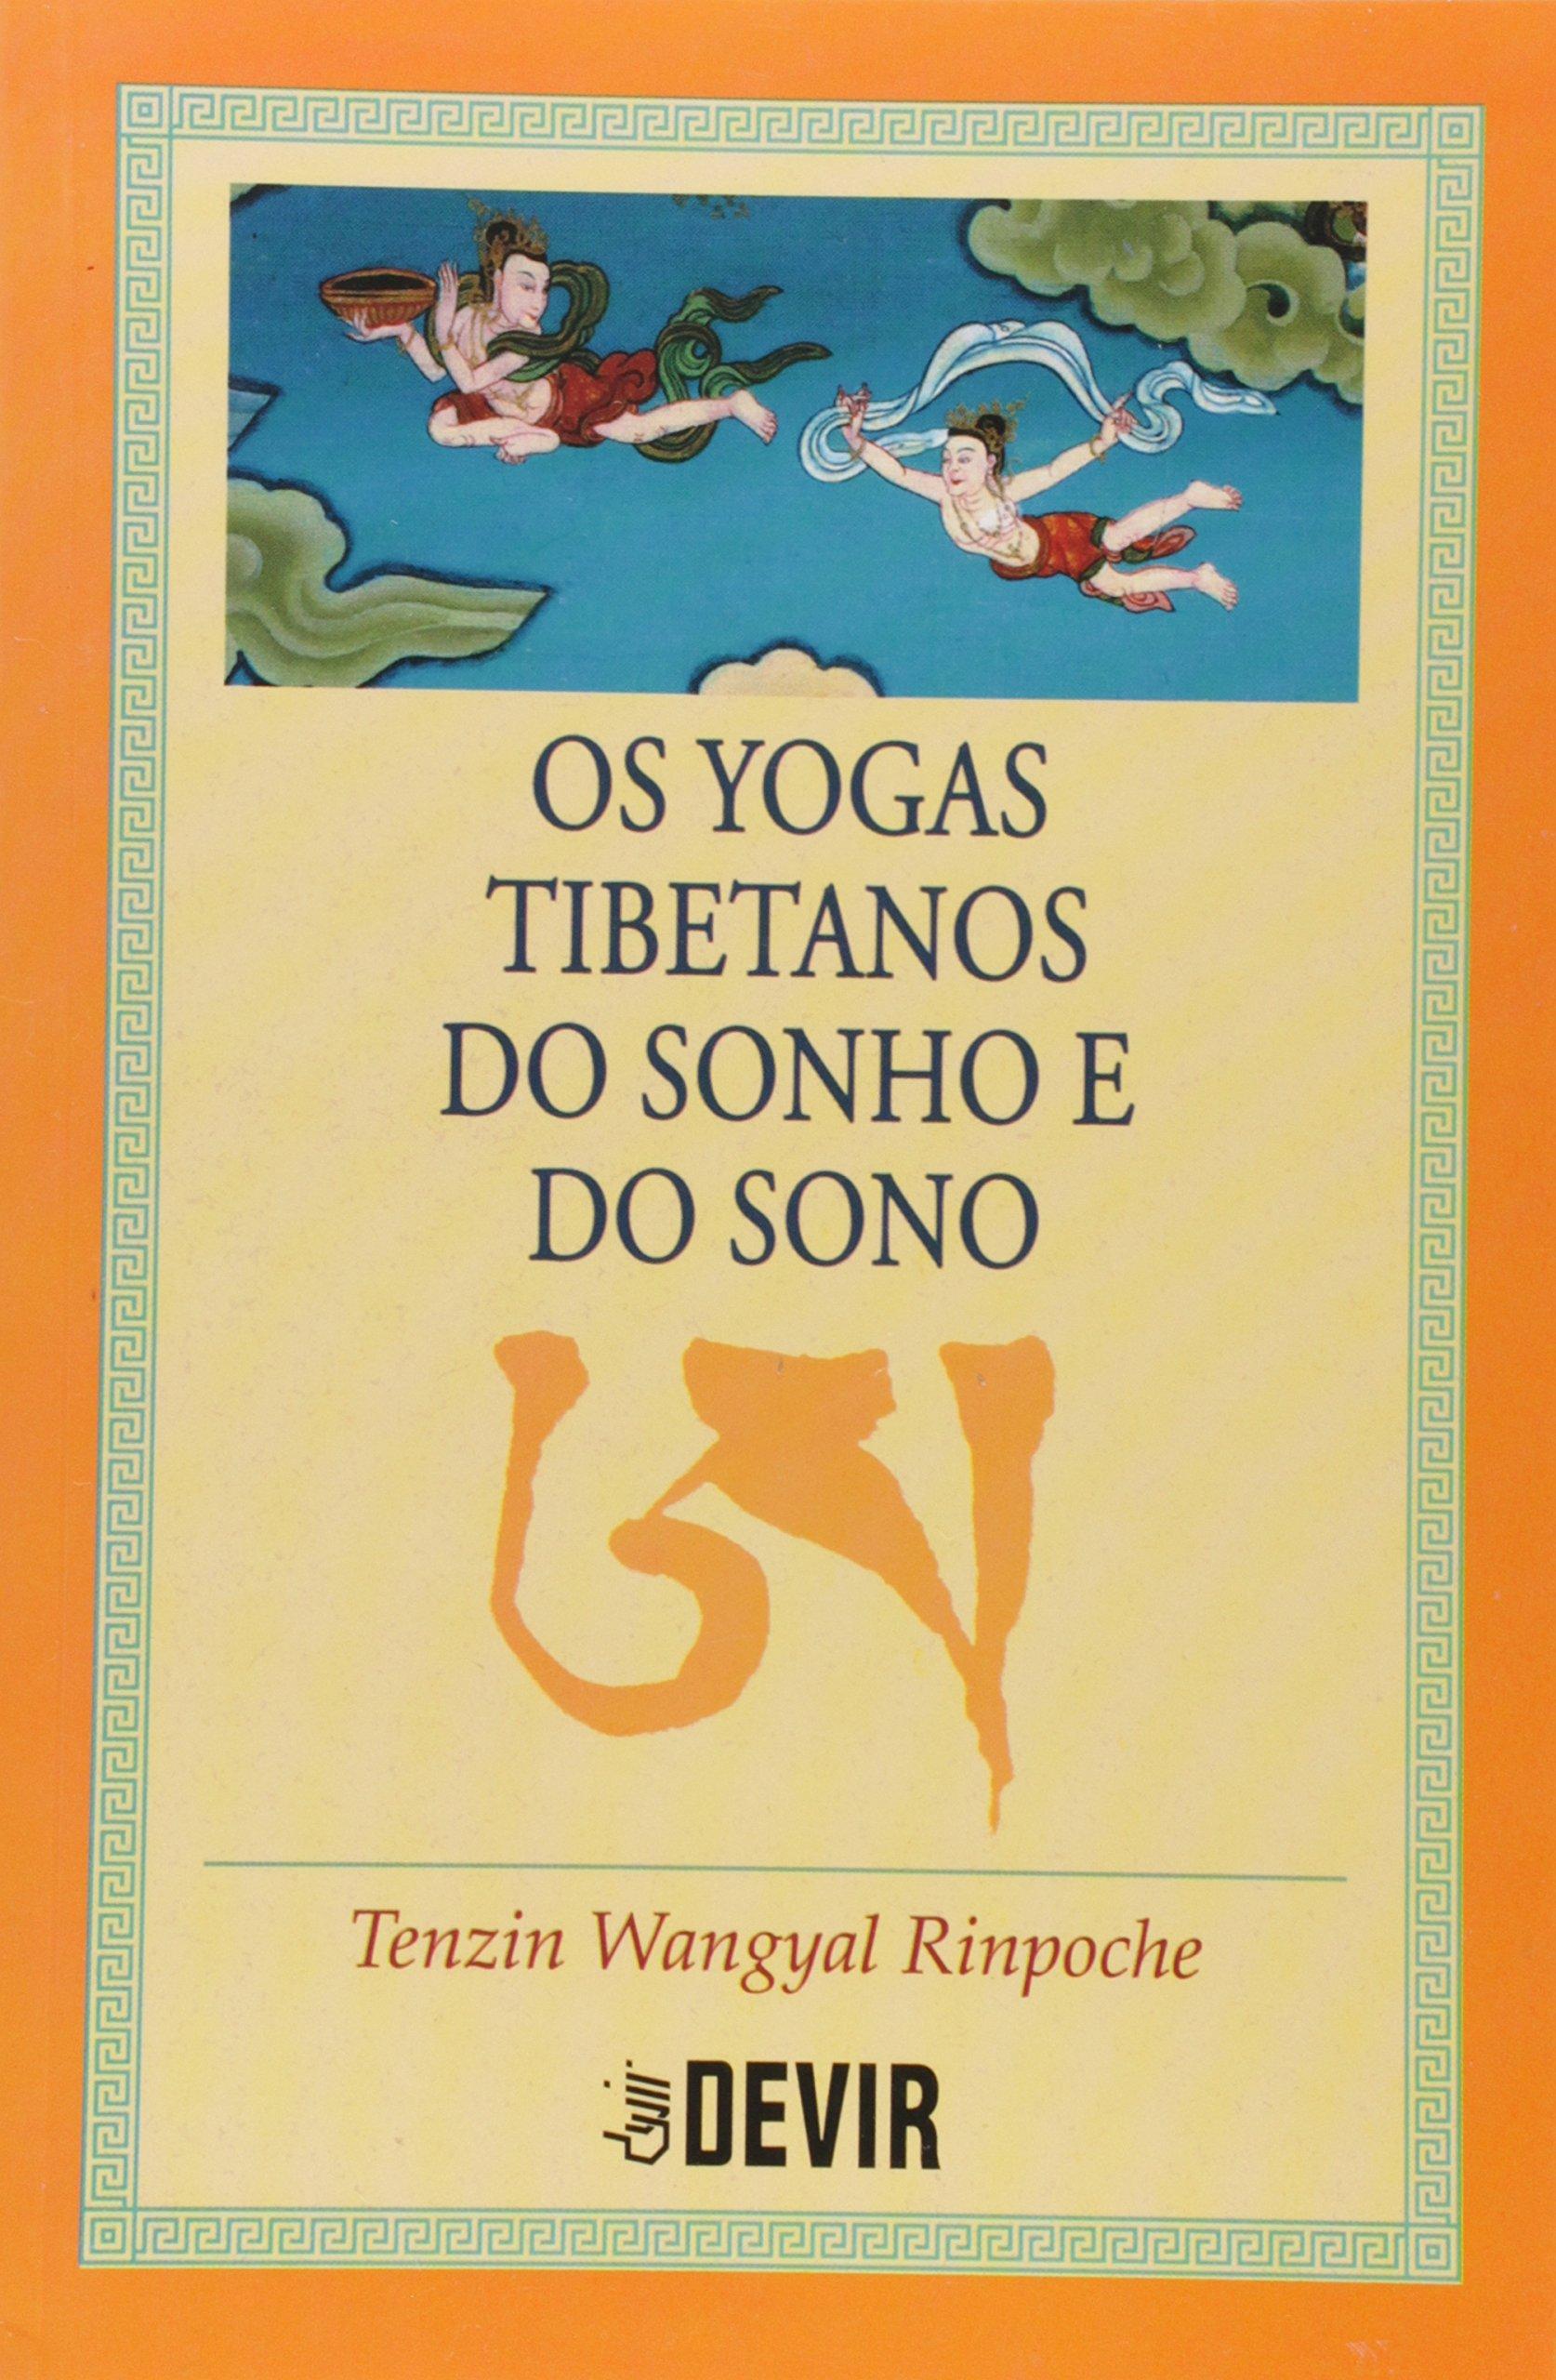 Os Yogas Tibetanos do Sonho e do Sono: 9788575324059: Amazon ...